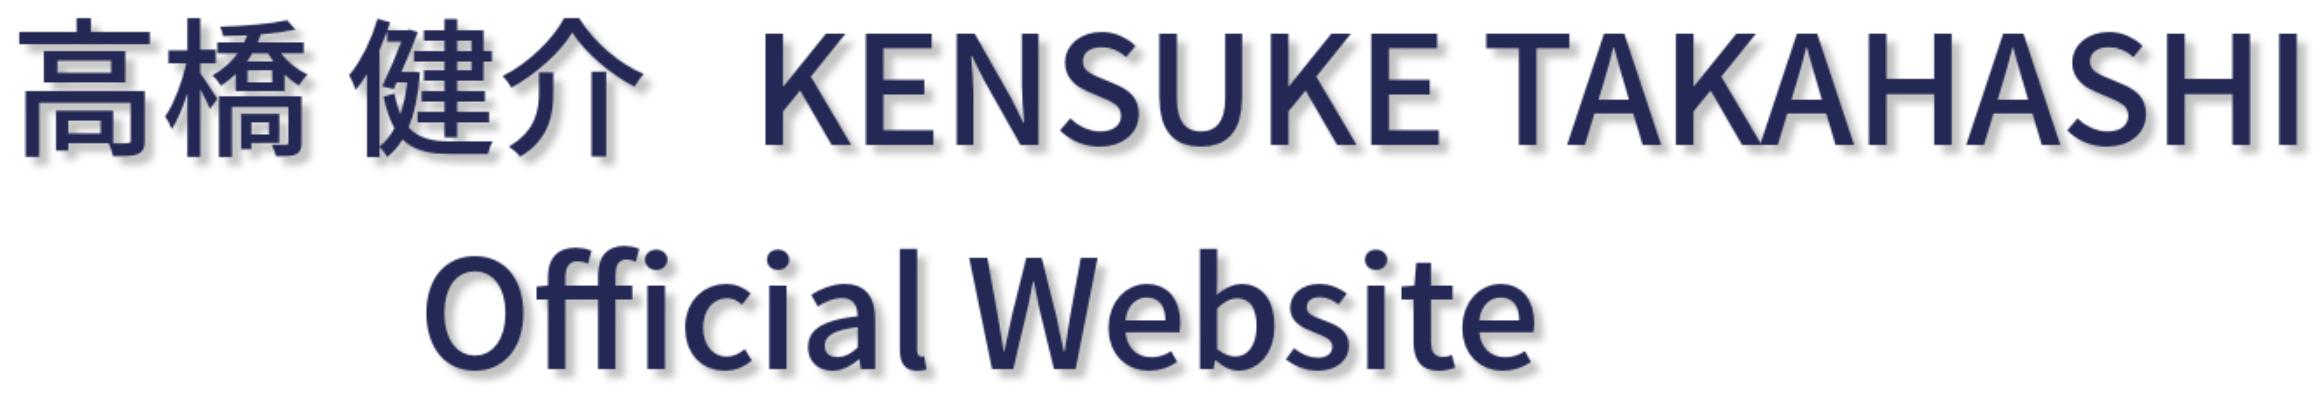 高橋健介 KENSUKE TAKAHASHI Official  Website